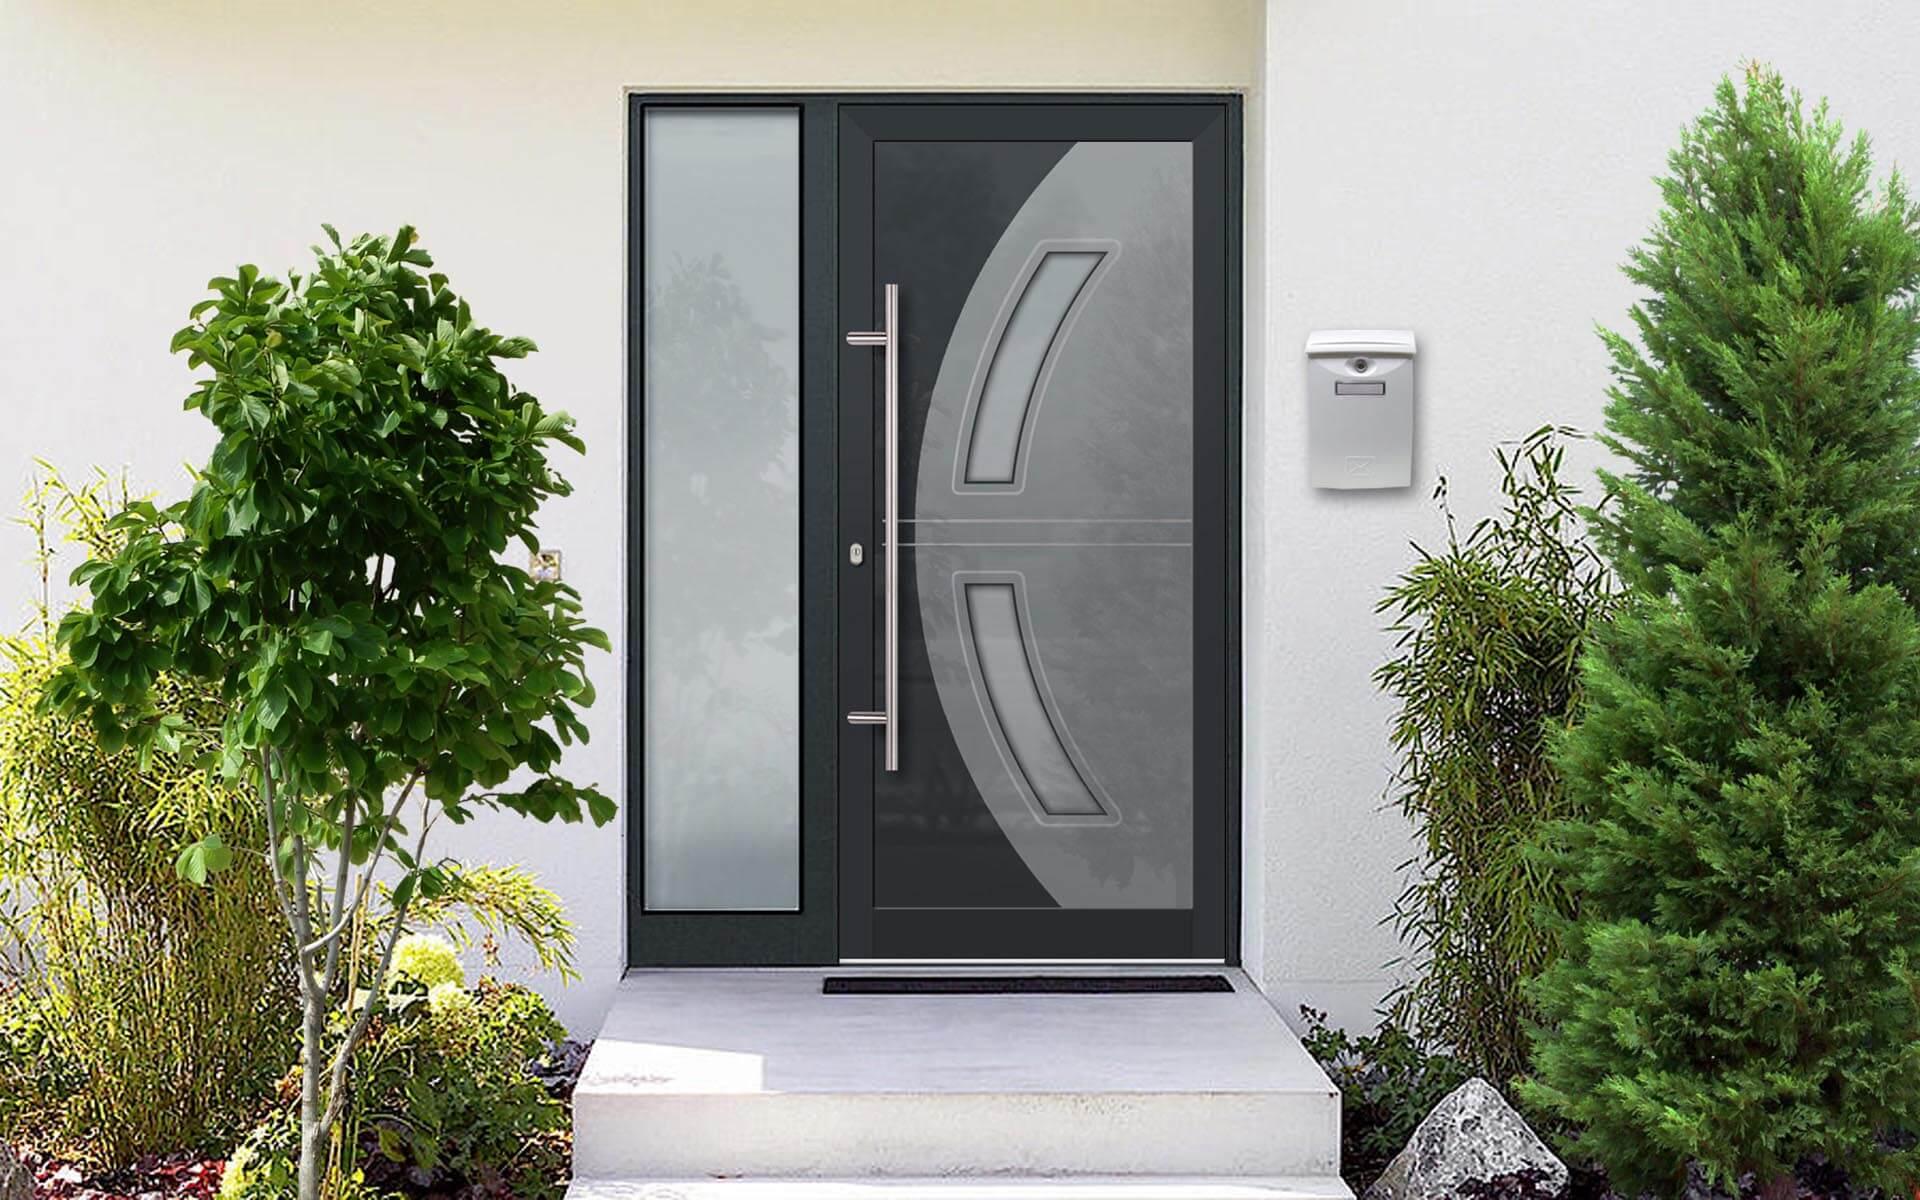 Vchodové hliníkové dvere do domu s odolnou výplňou s dilatačným jadrom vo farebnej kombinácii RAL 7016 a 7040